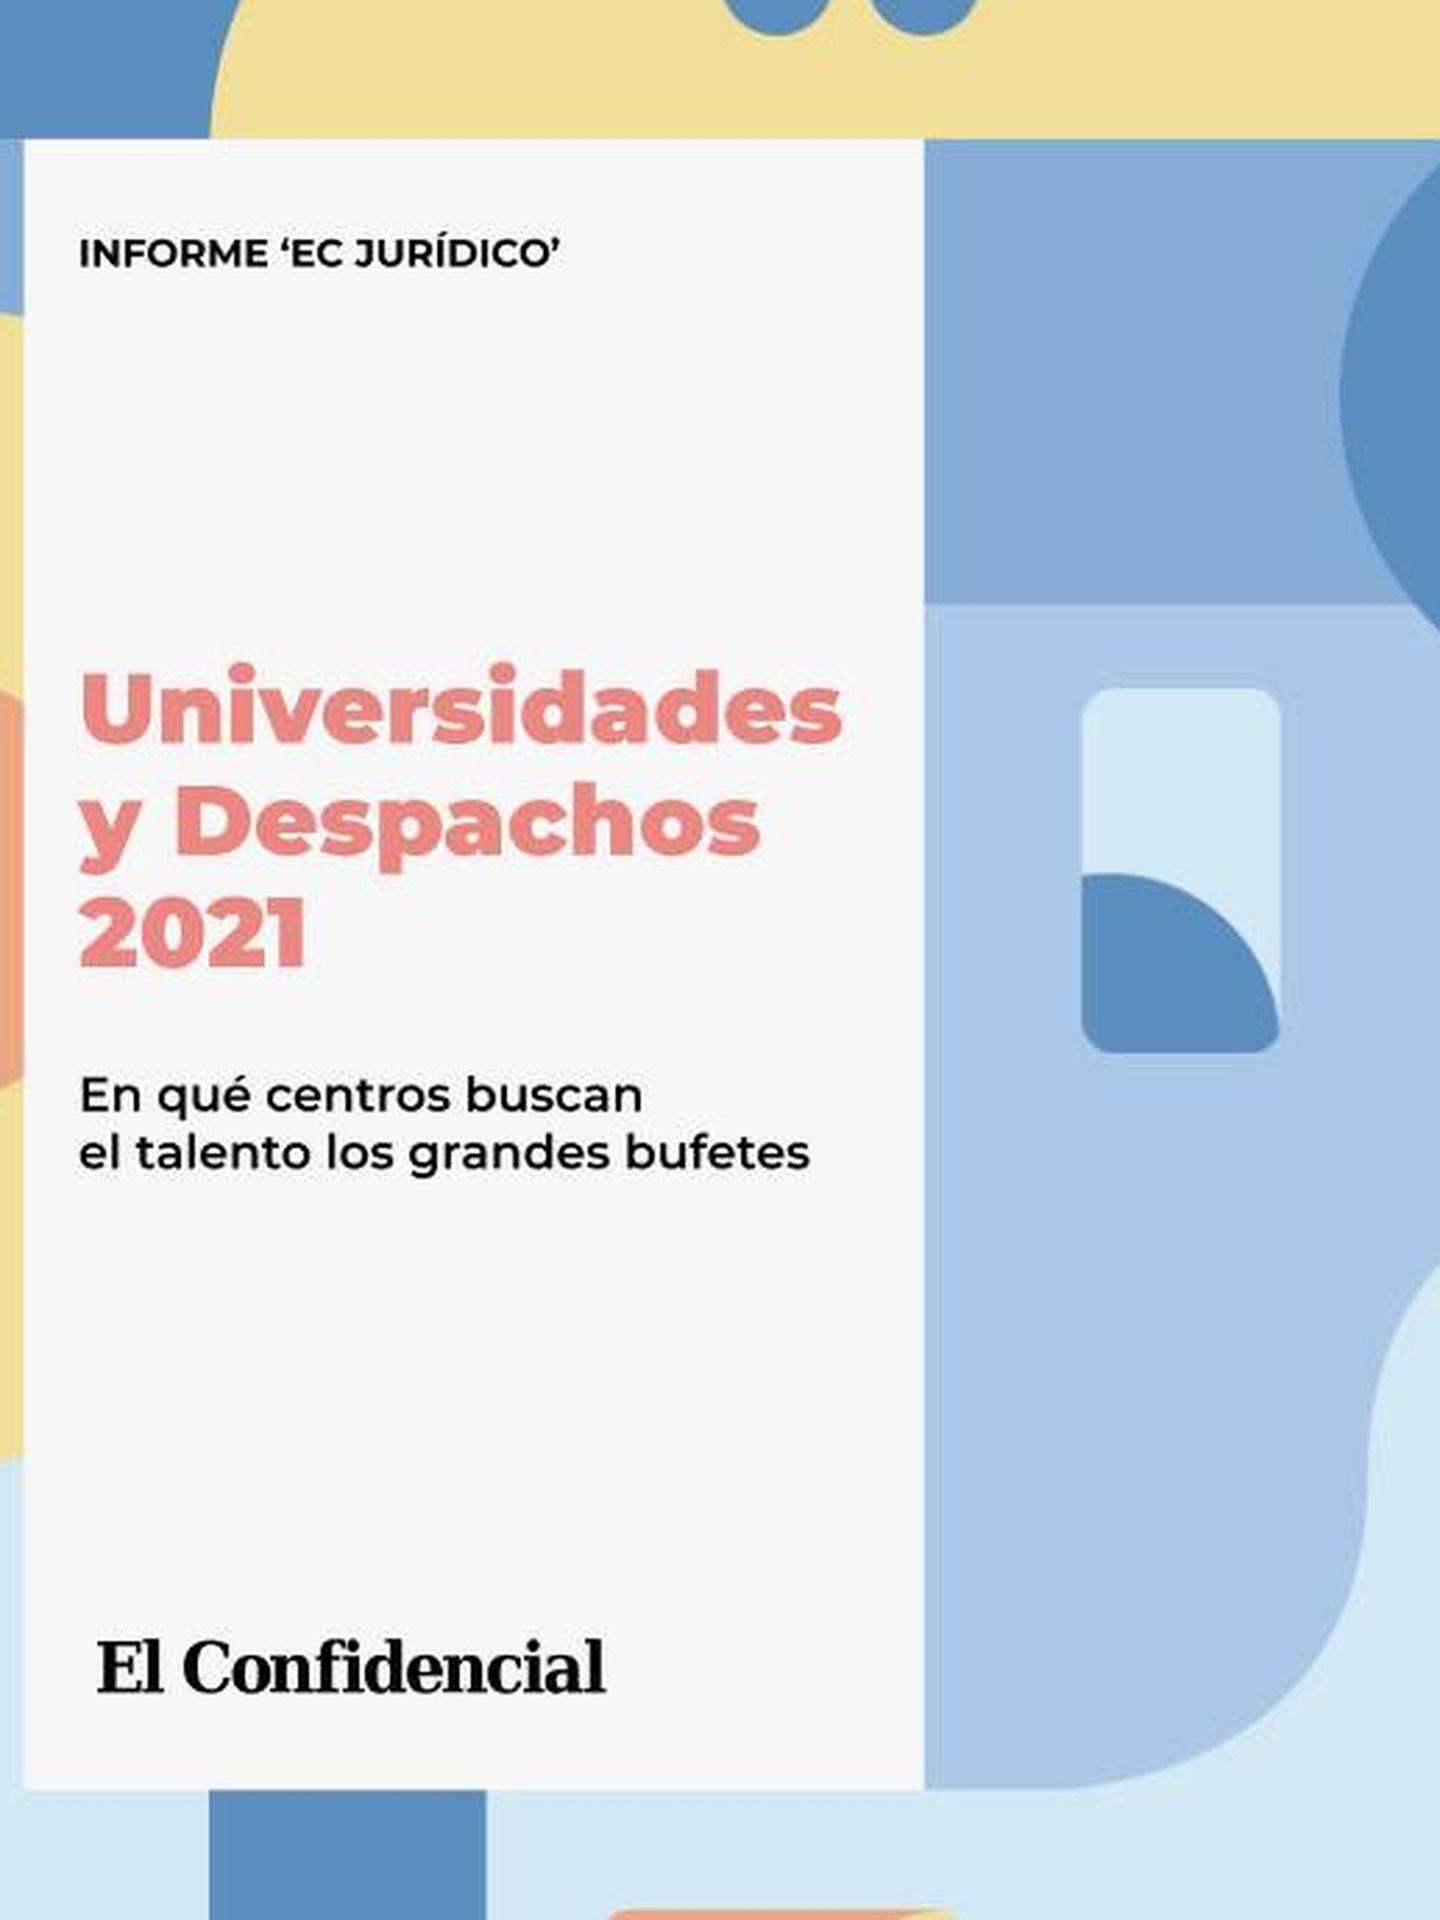 Pincha en la imagen para descargar el informe 'Universidades y despachos'.